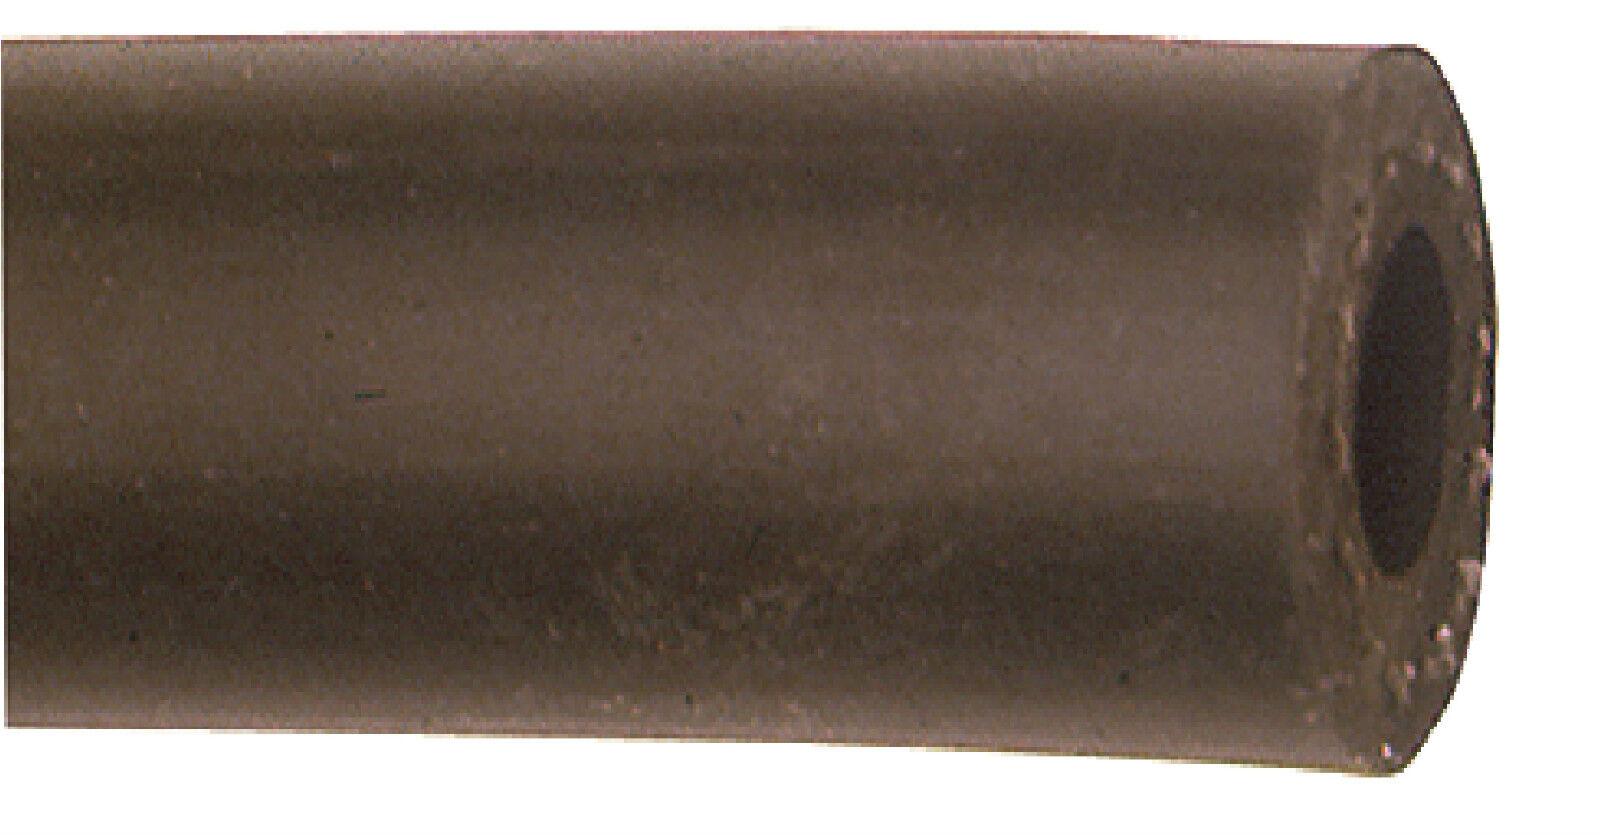 Pressluftschlauch Werkstattschlauch Gummischlauch Kompressorschlauch 50m